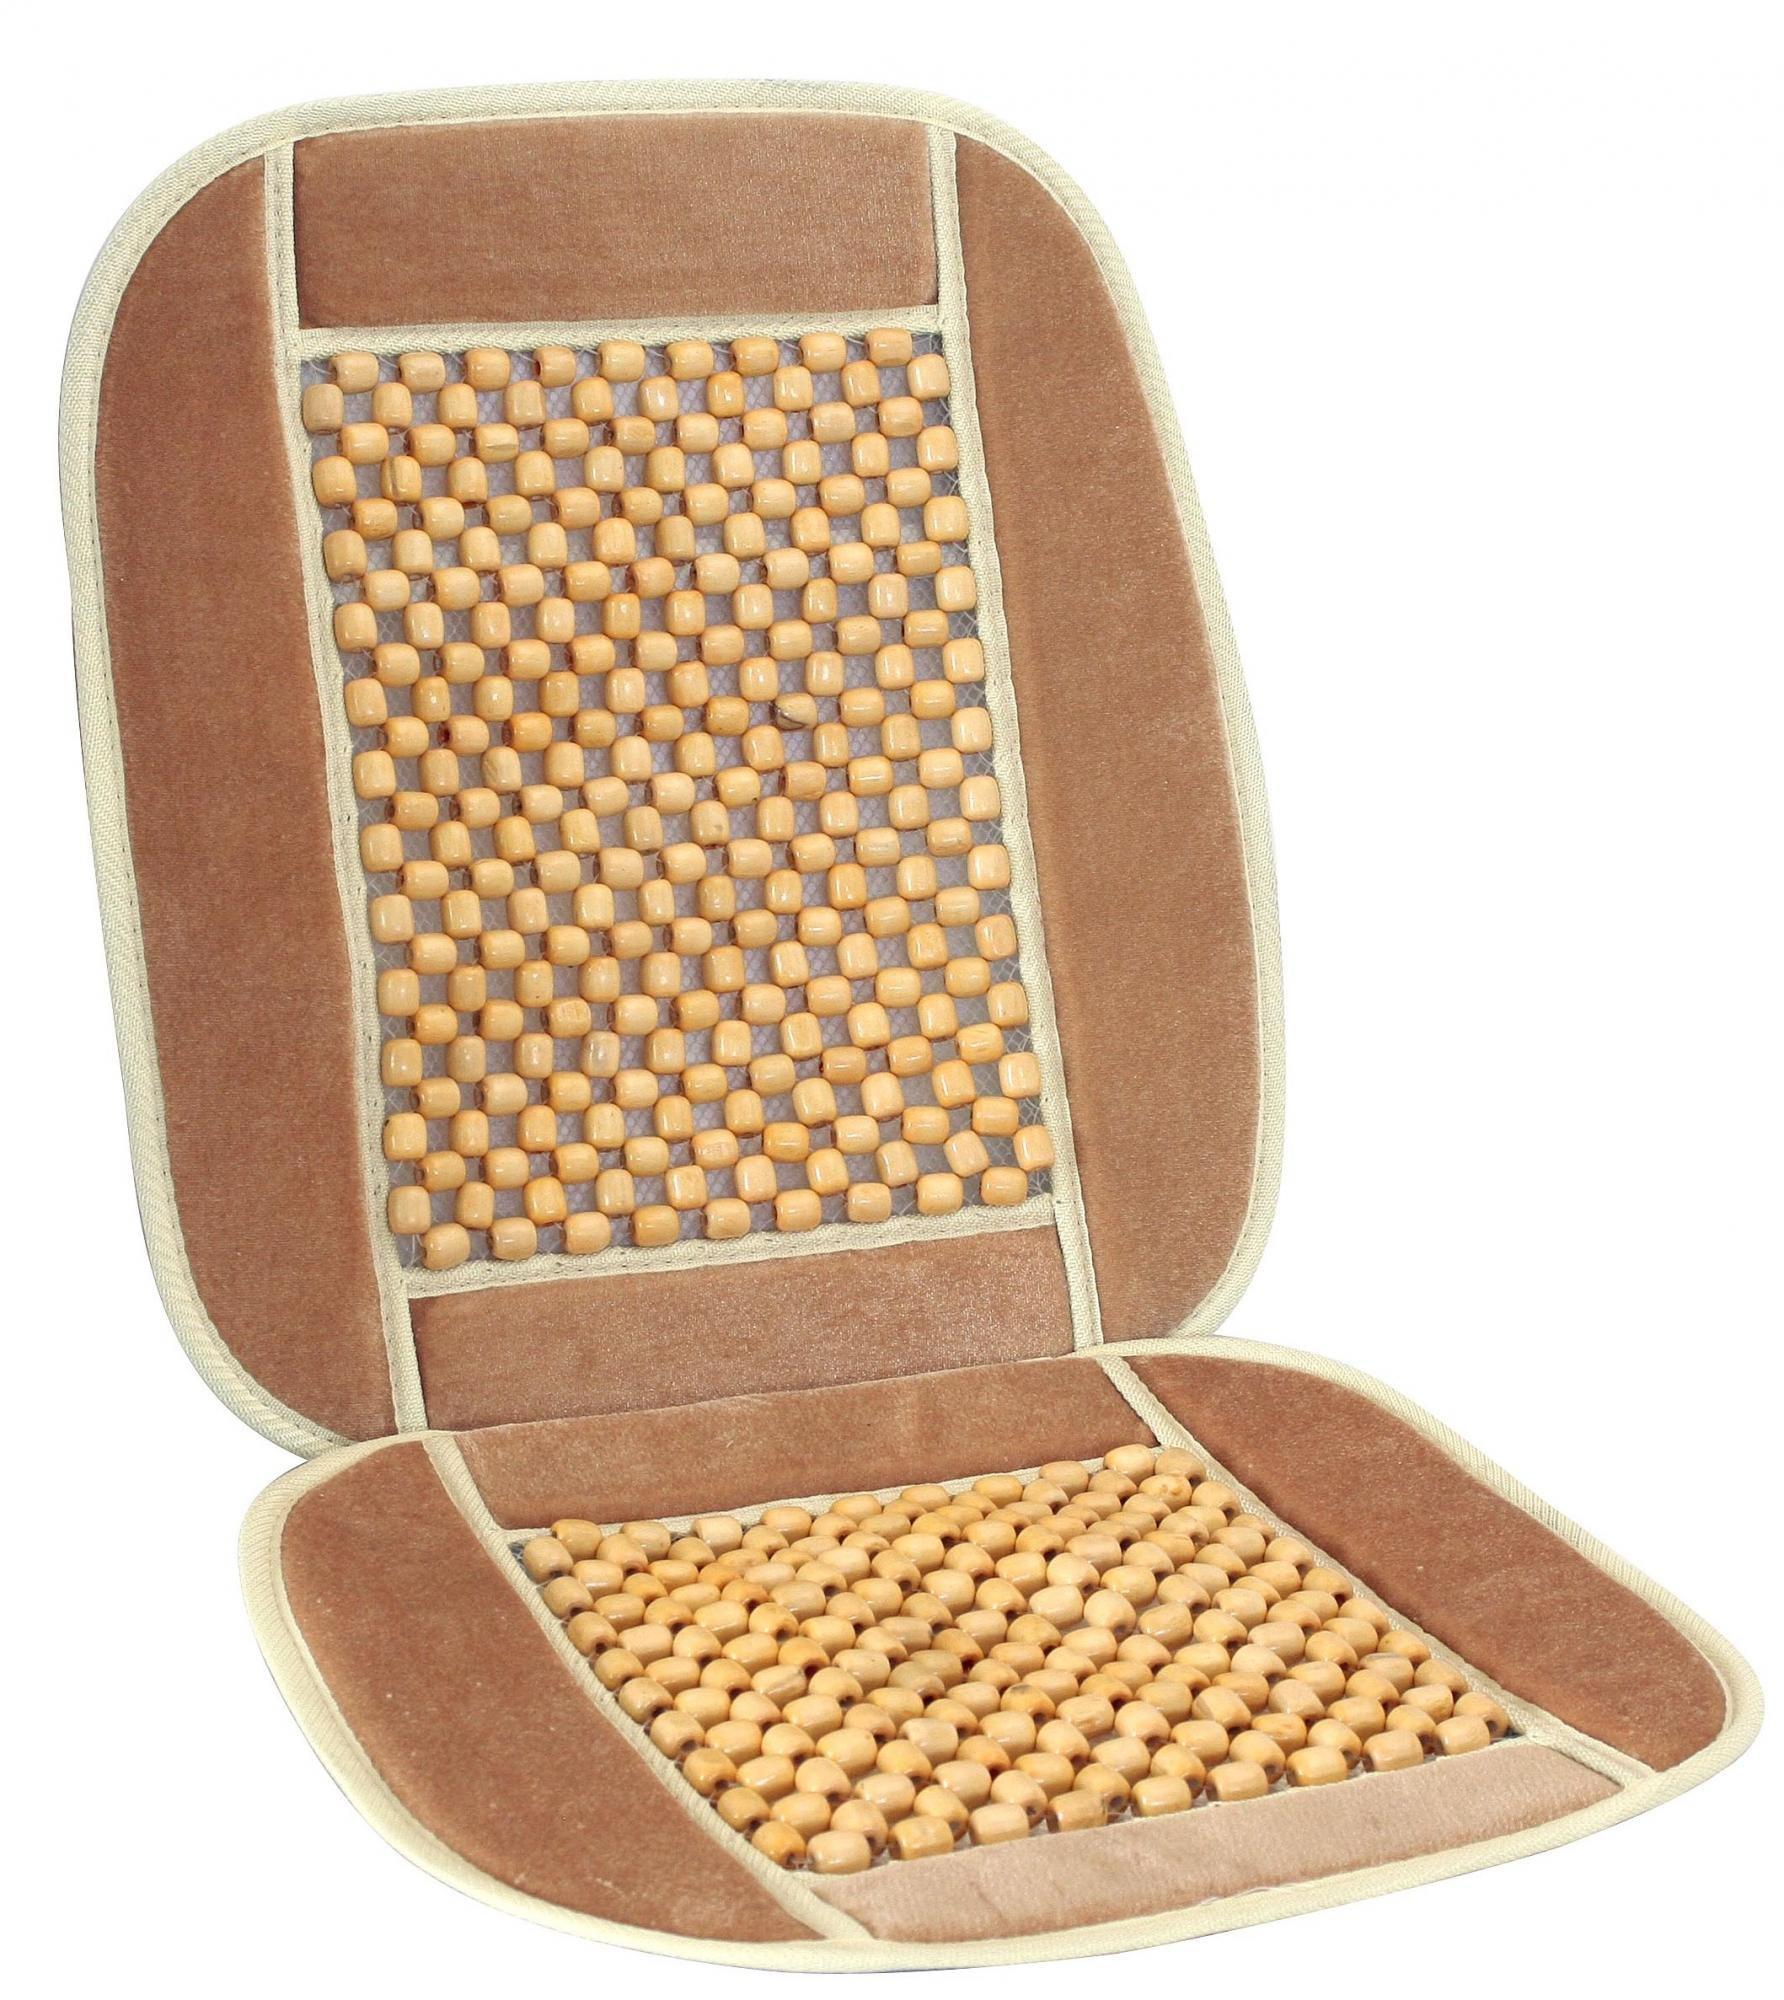 Potah sedadla kuličkový s lemem béžový, 20.576